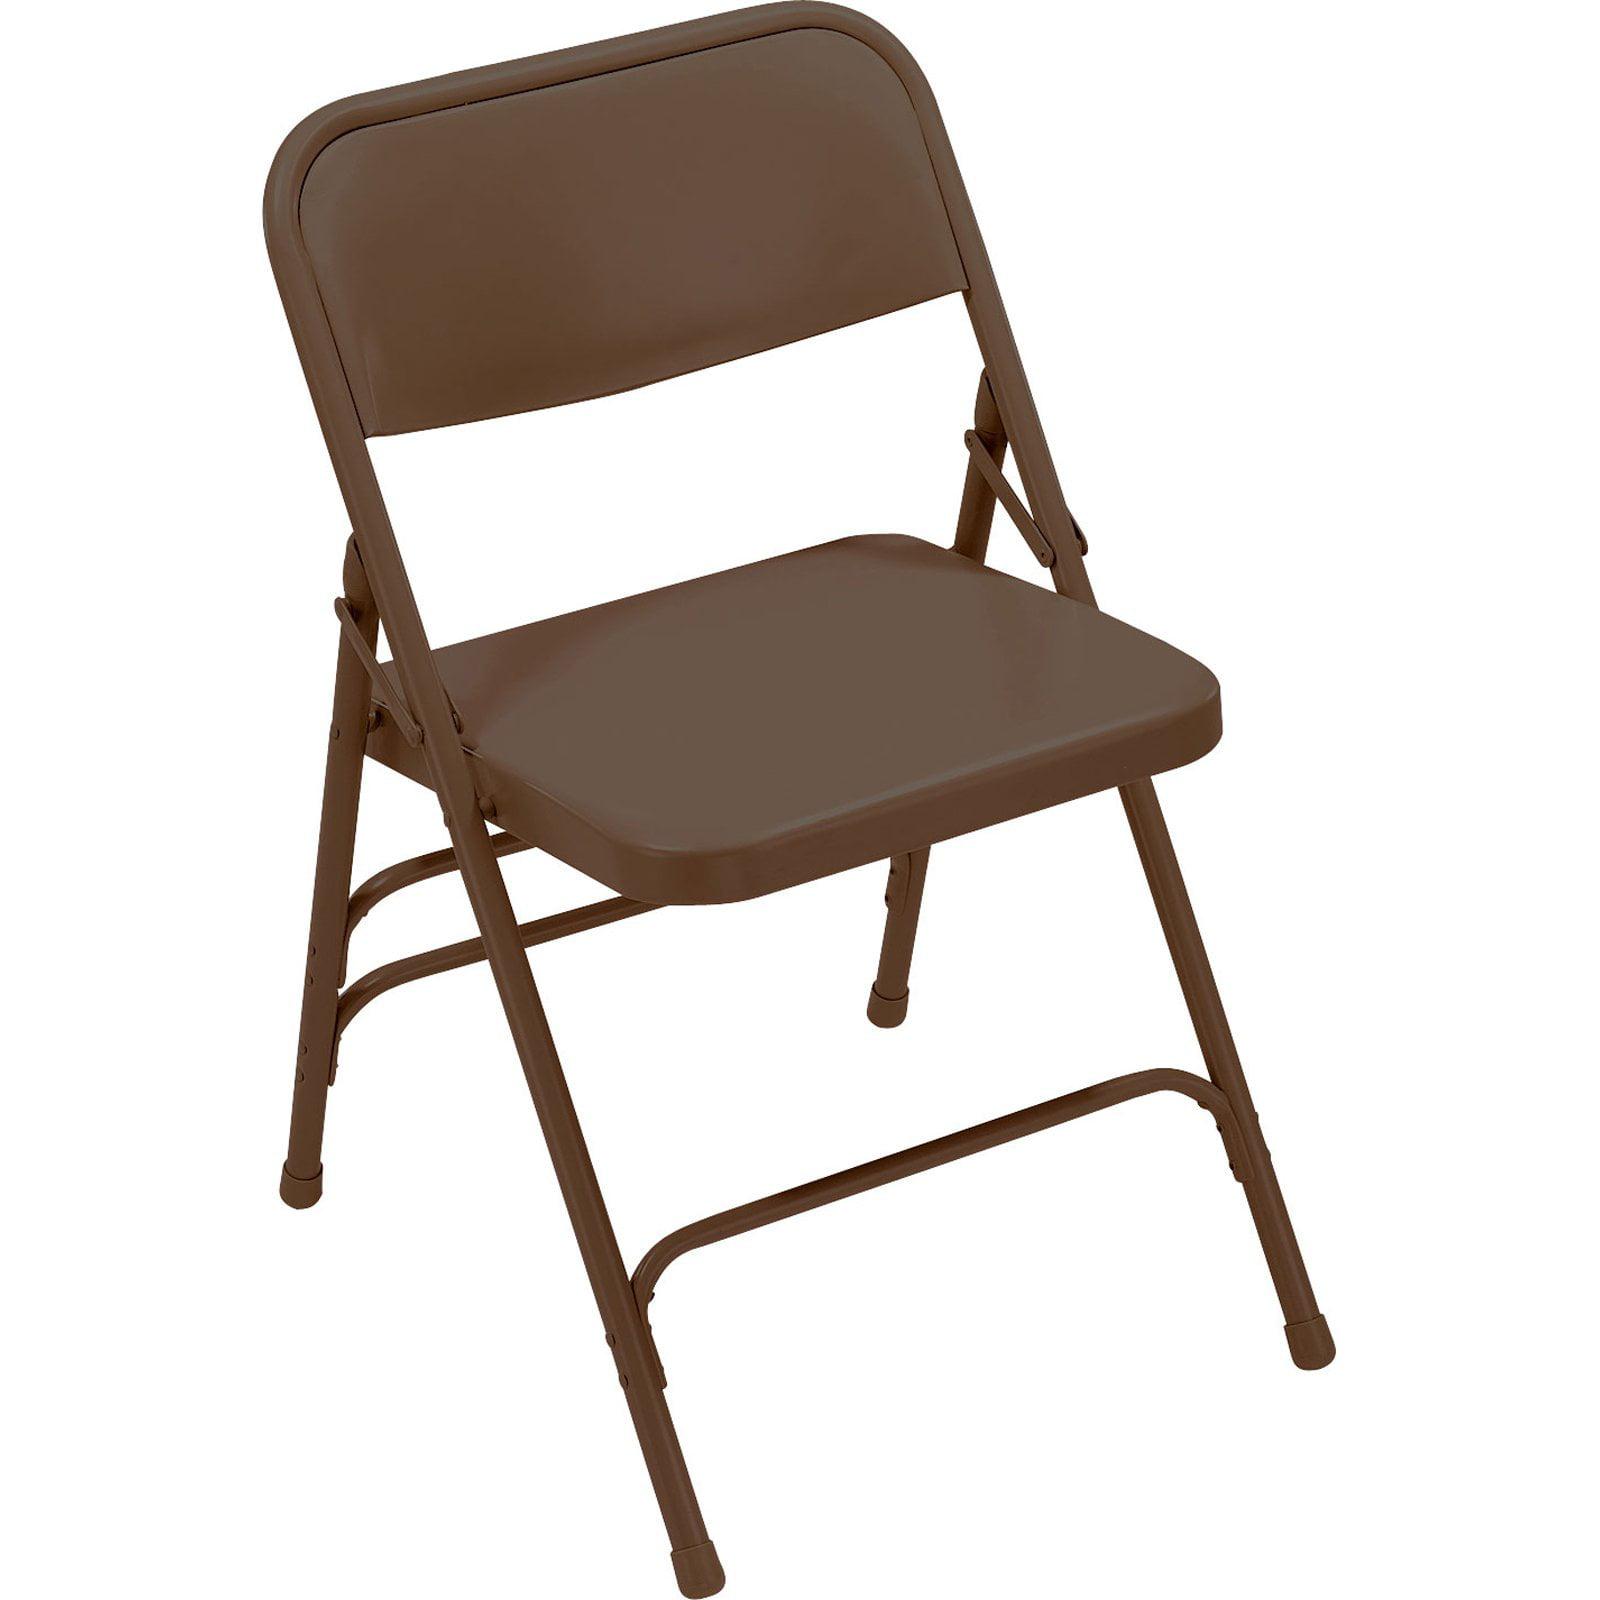 Elegant Folding Chair Bed Unique